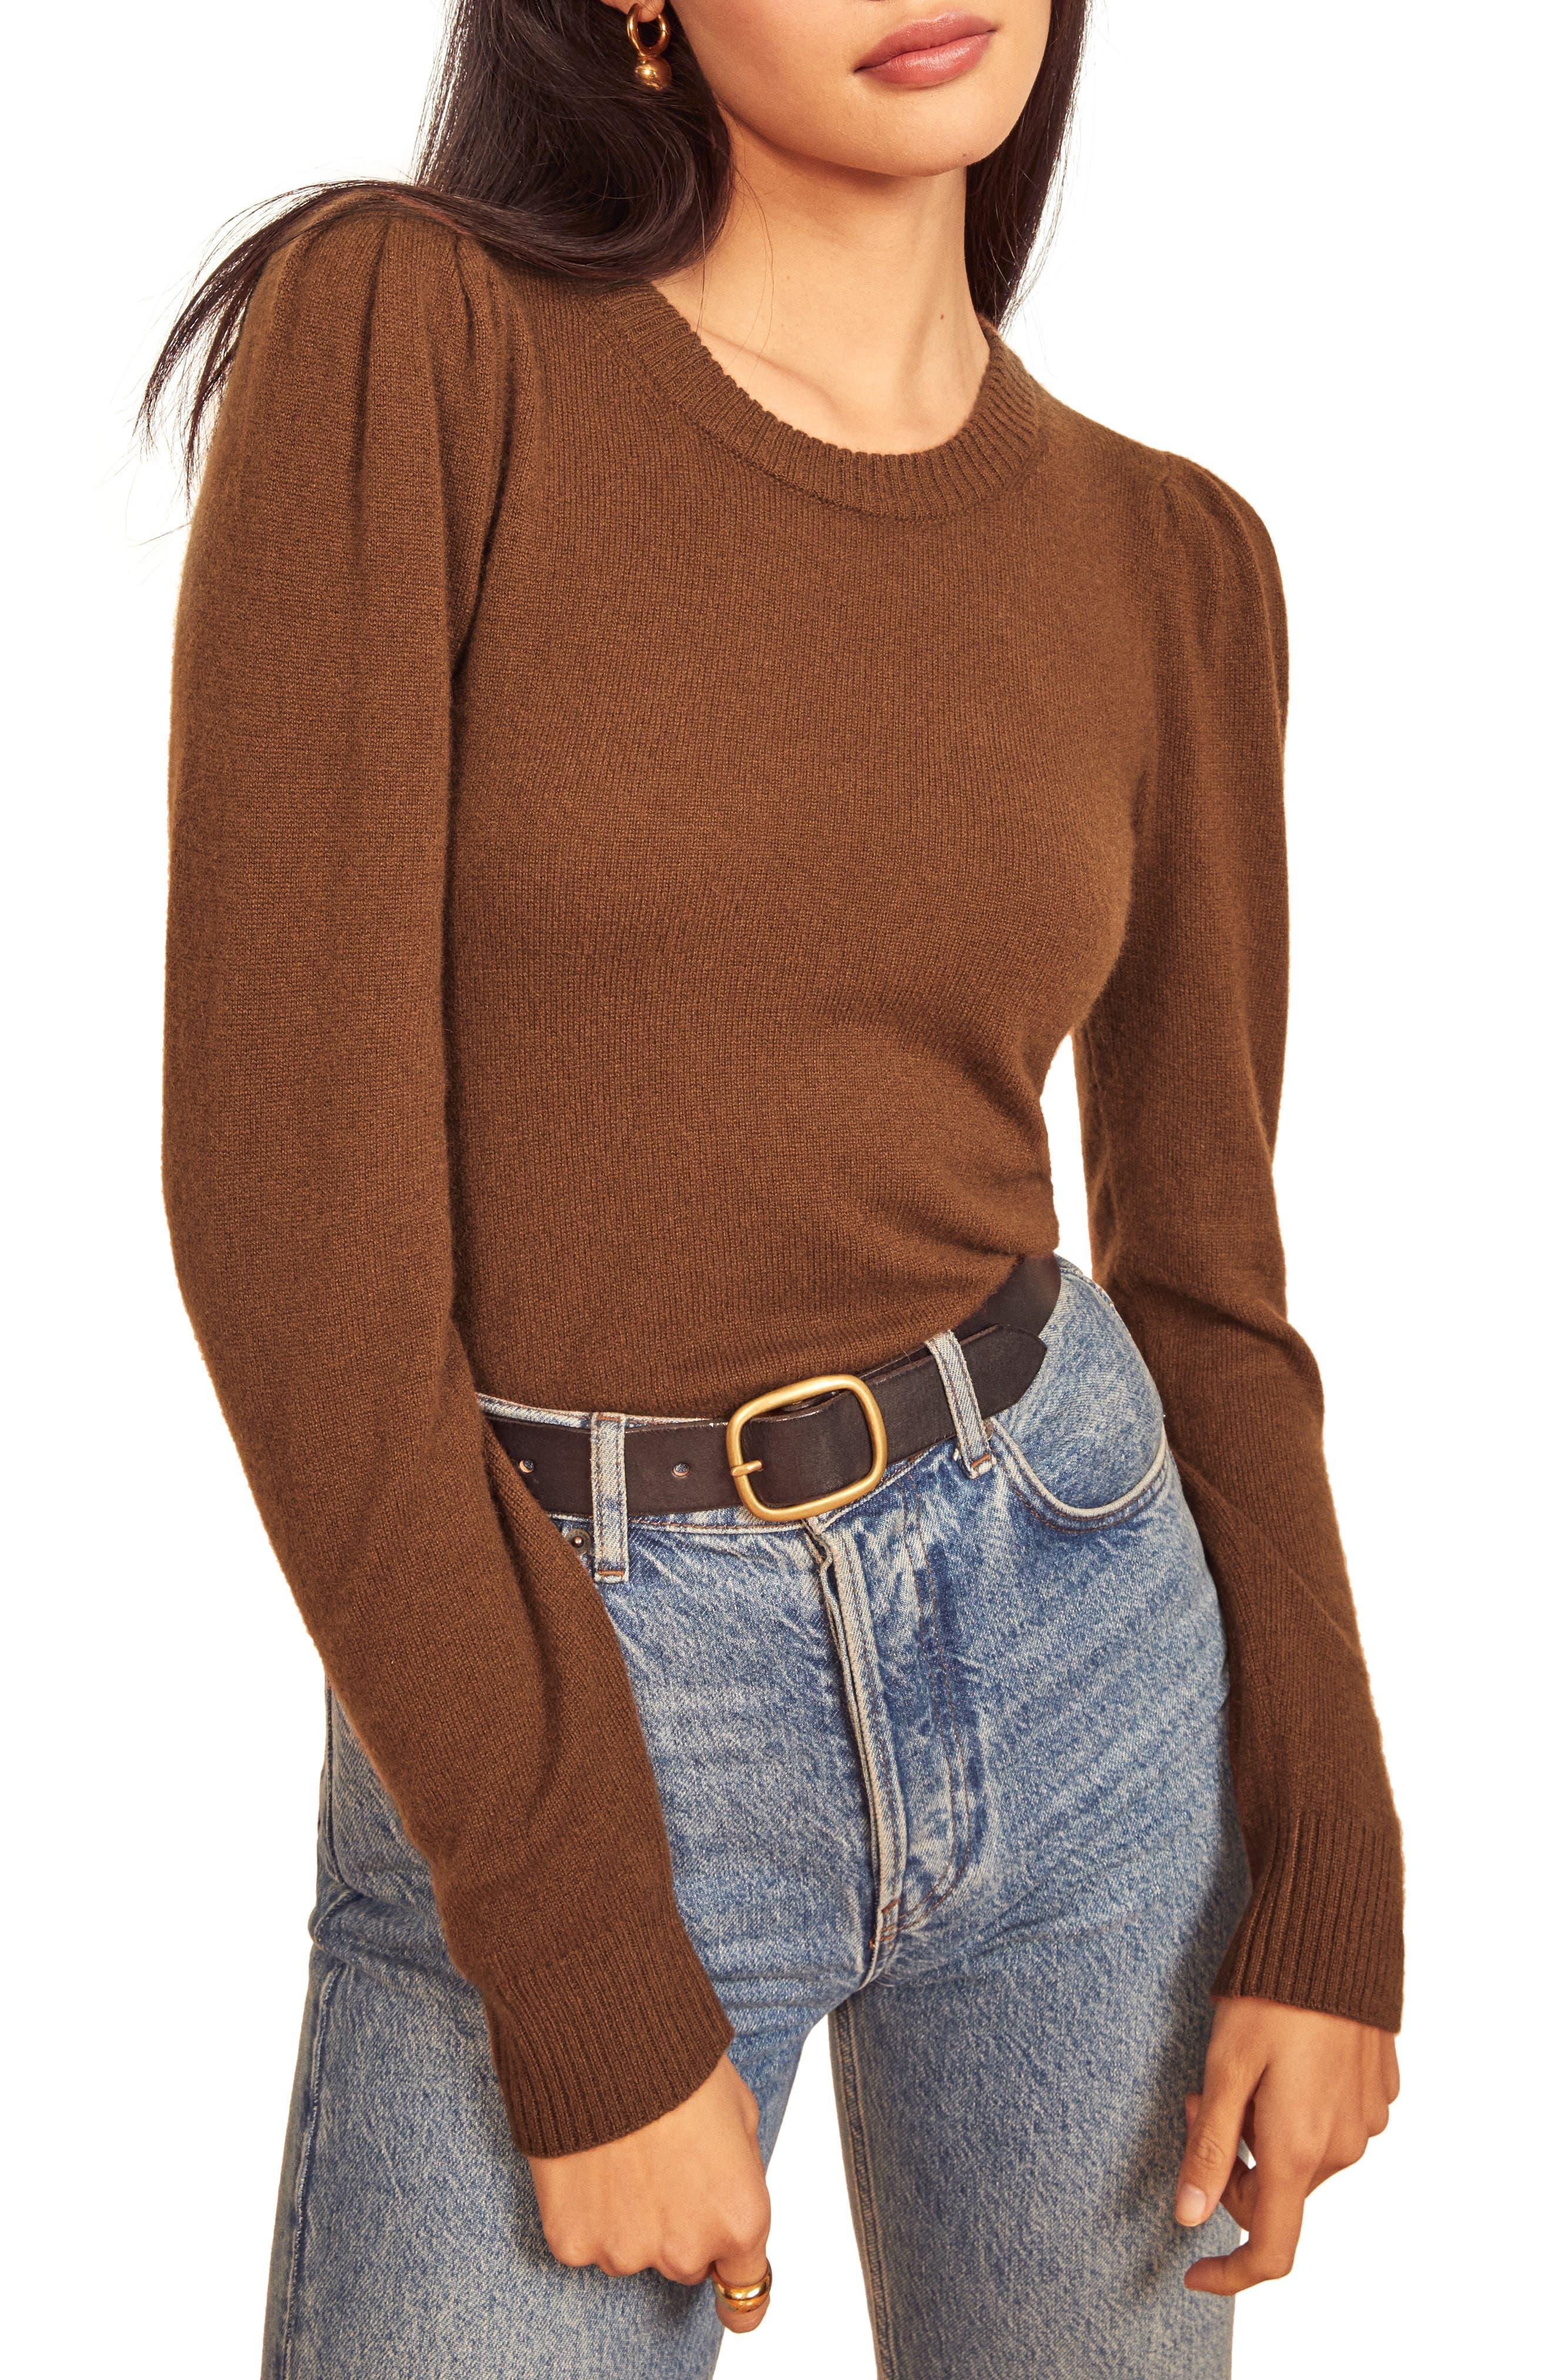 Golden Denim The Union Frontier Punto Men/'s Fashion Jeans Black Multi